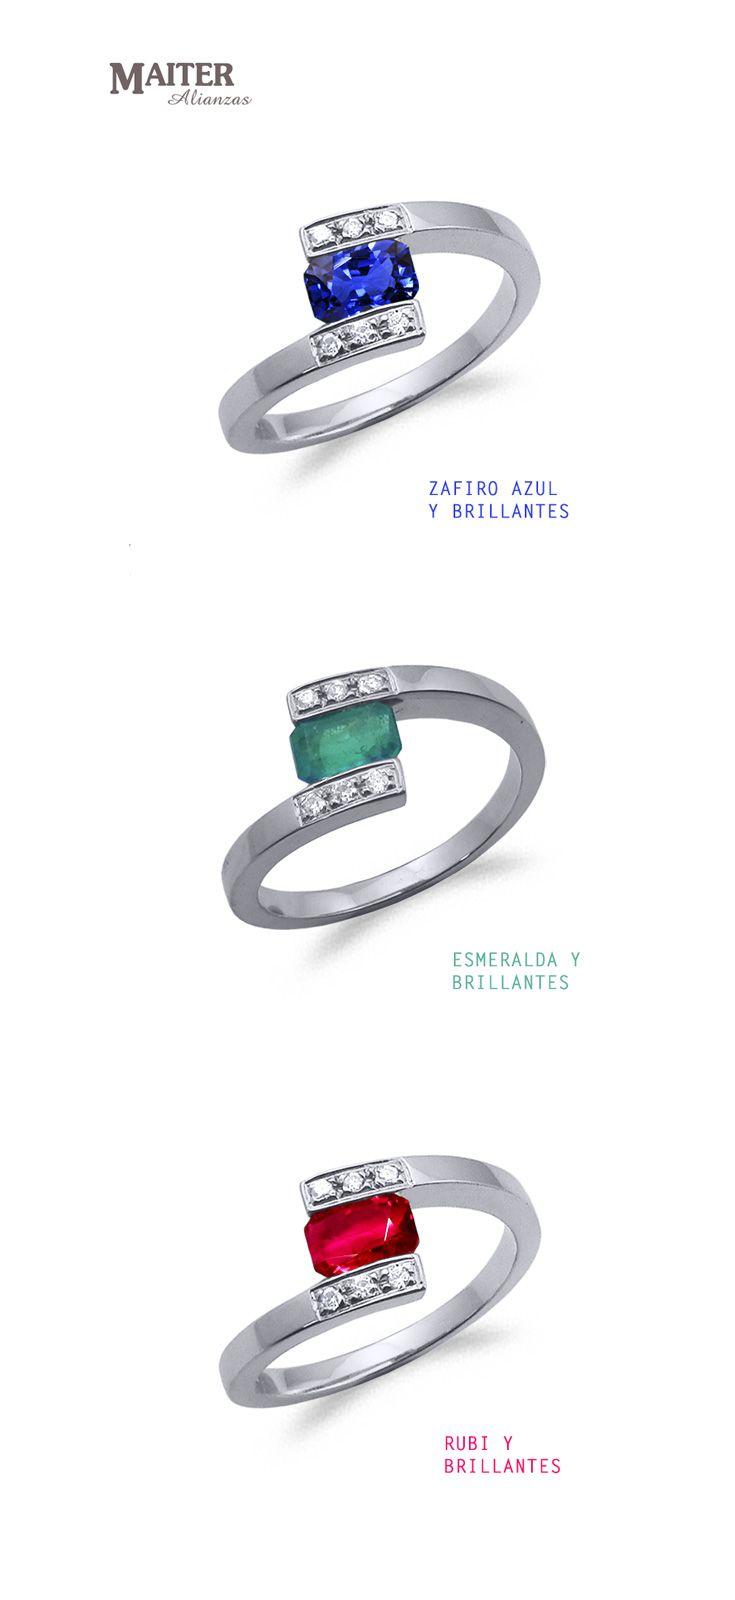 554627e0bfbe  anillos  compromiso  rubi  esmeralda  zafiro con brillantes  www.joyasmaiter.com